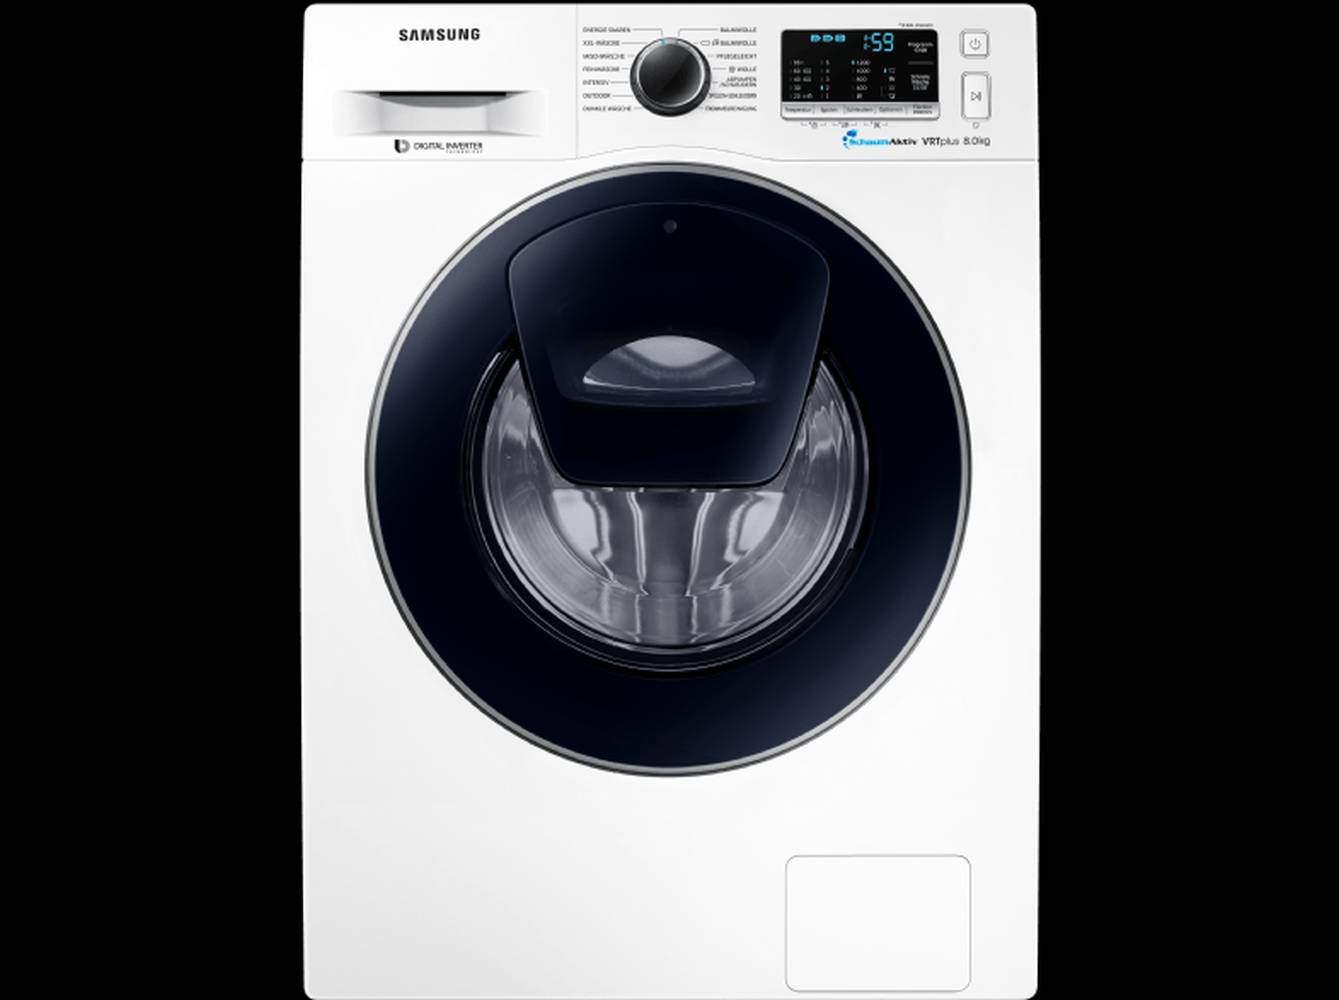 samsung ww 80 k 52 a0vw eg waschmaschine im test 07 2018. Black Bedroom Furniture Sets. Home Design Ideas